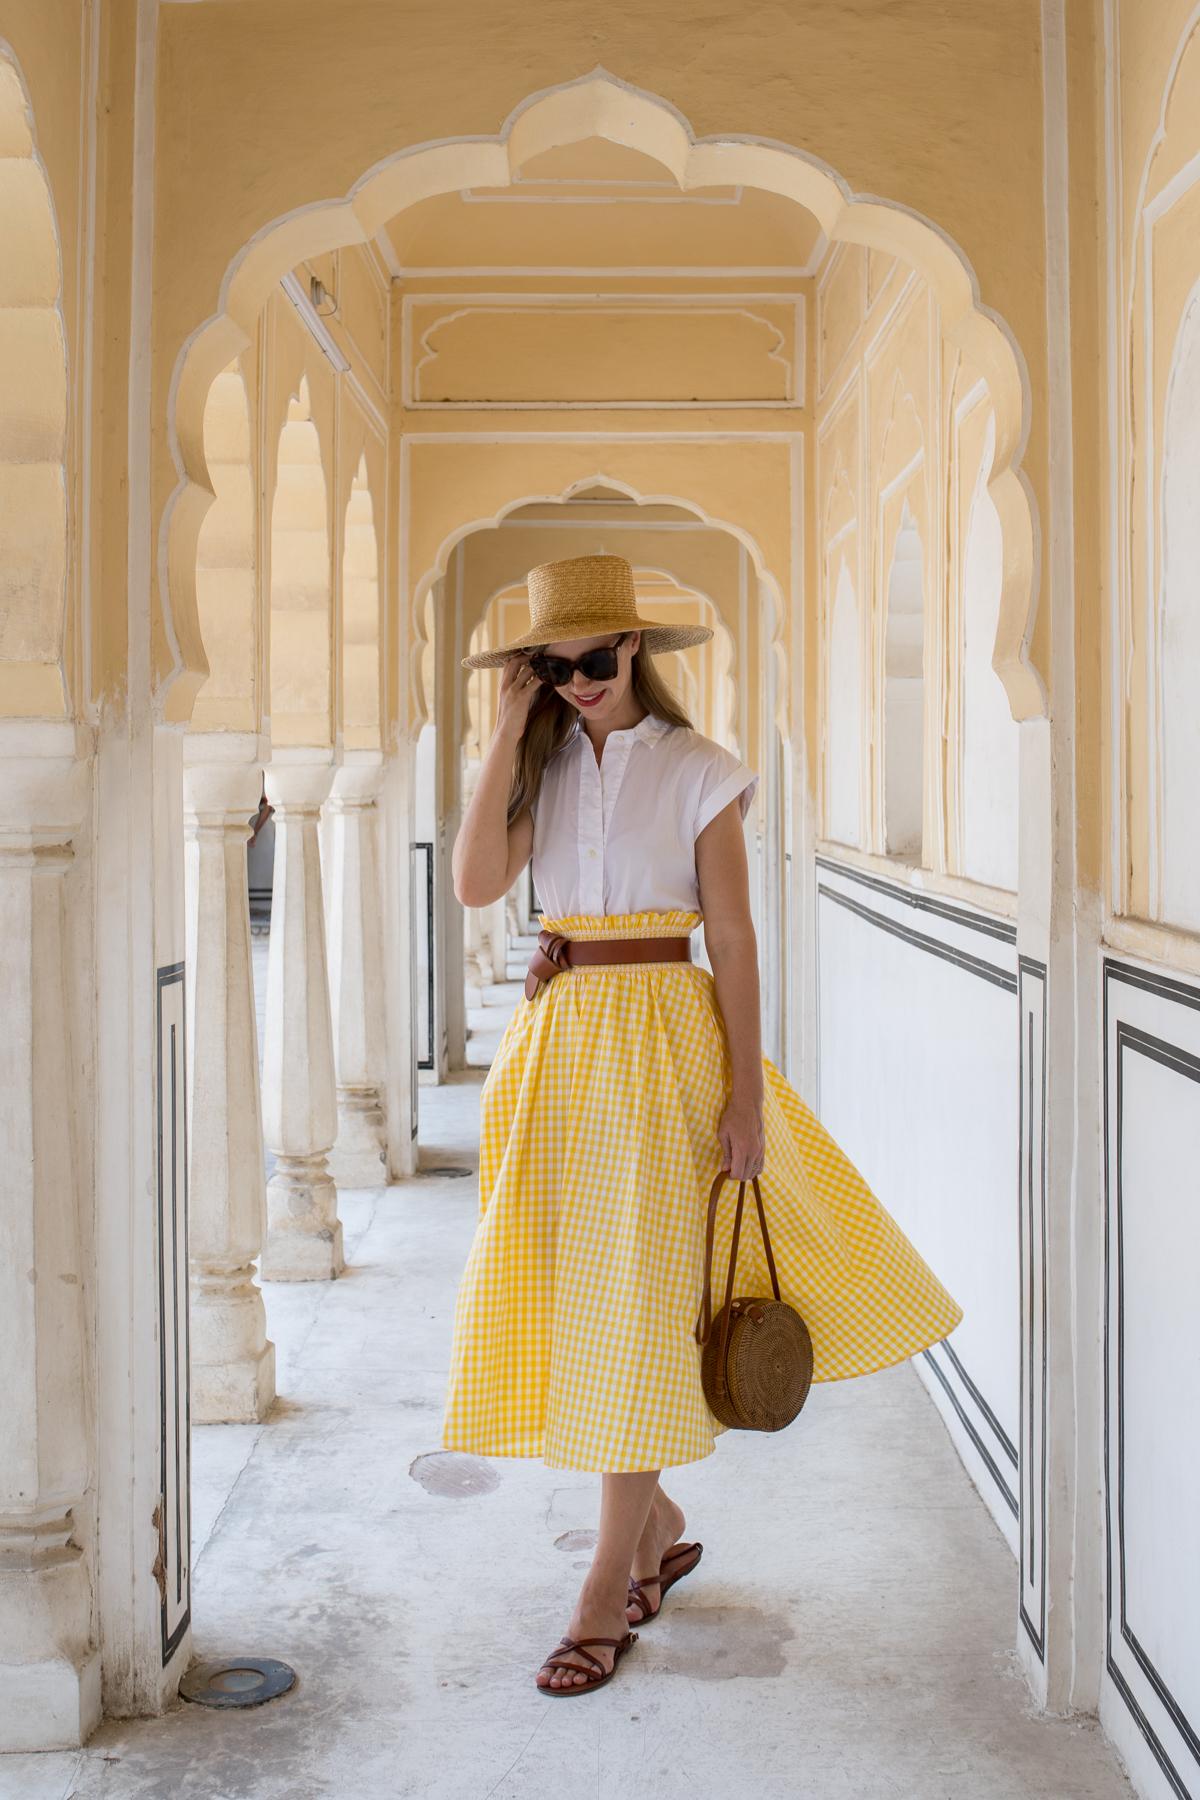 Stacie Flinner City Palace Jaipur 10 Best -16.jpg